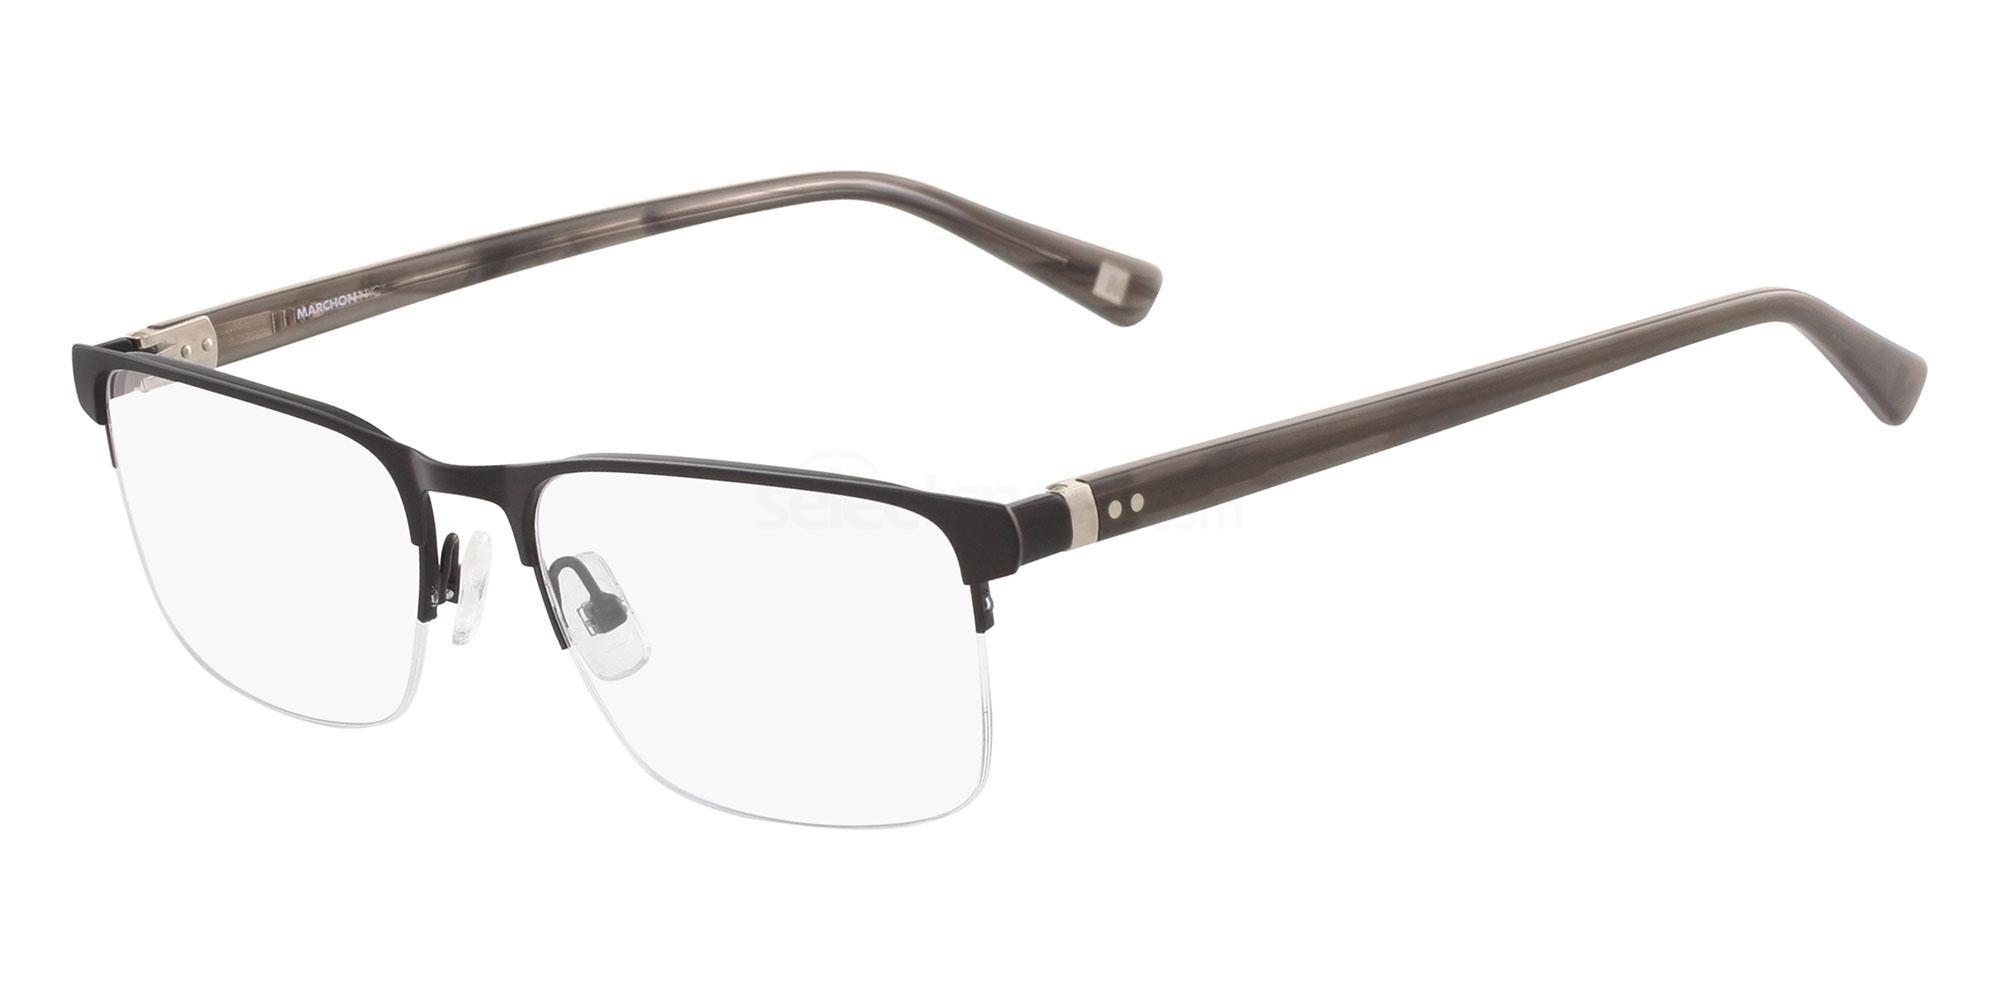 001 M-2003 Glasses, Marchon